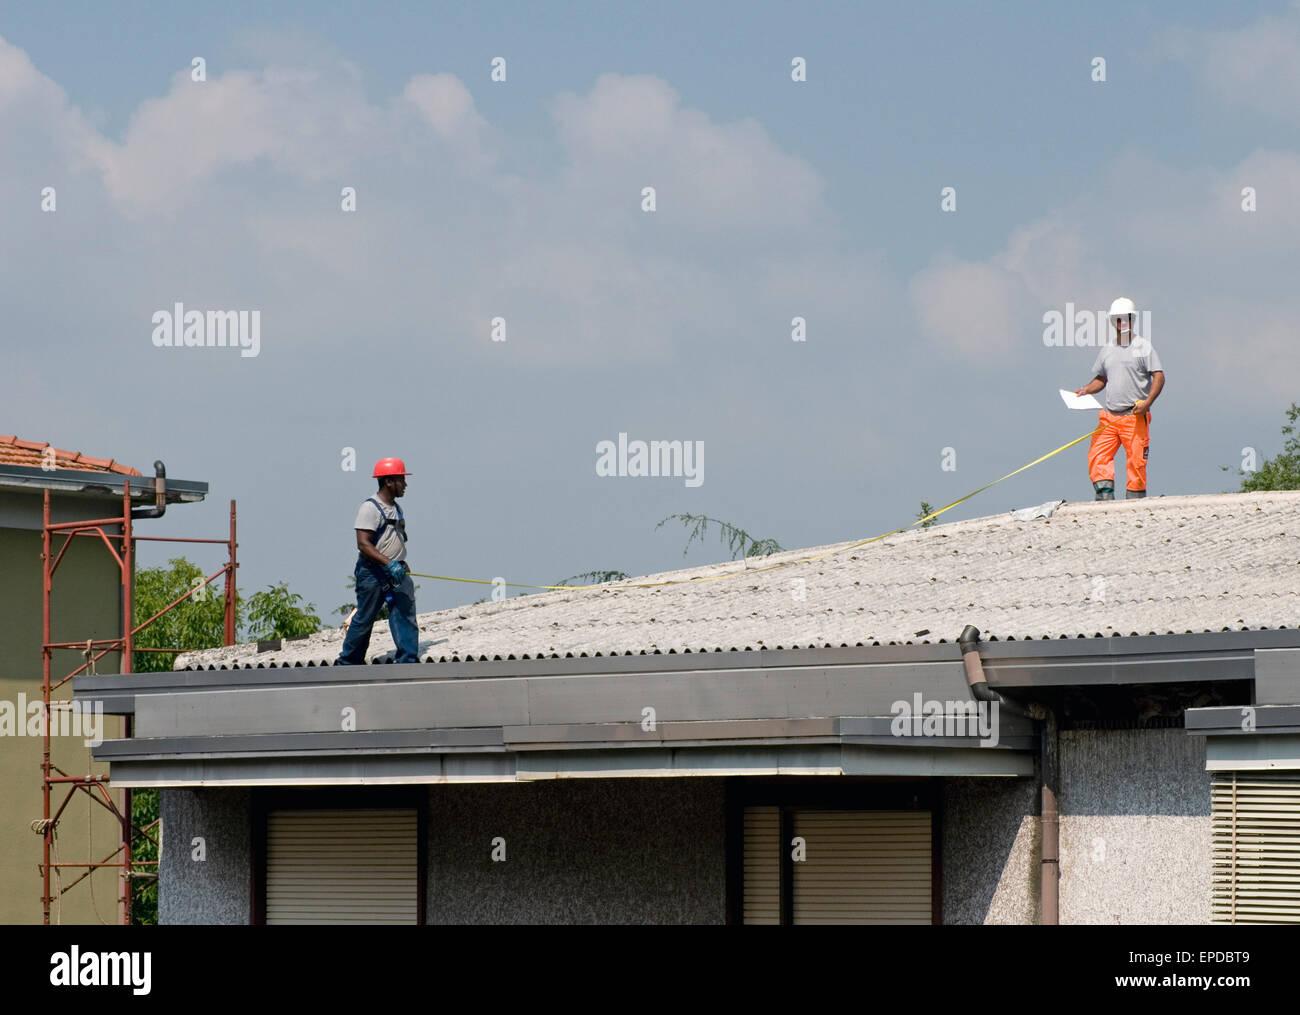 Wartungspersonal Mit Massband Auf Wellpappe Asbest Eternit Dach Ein